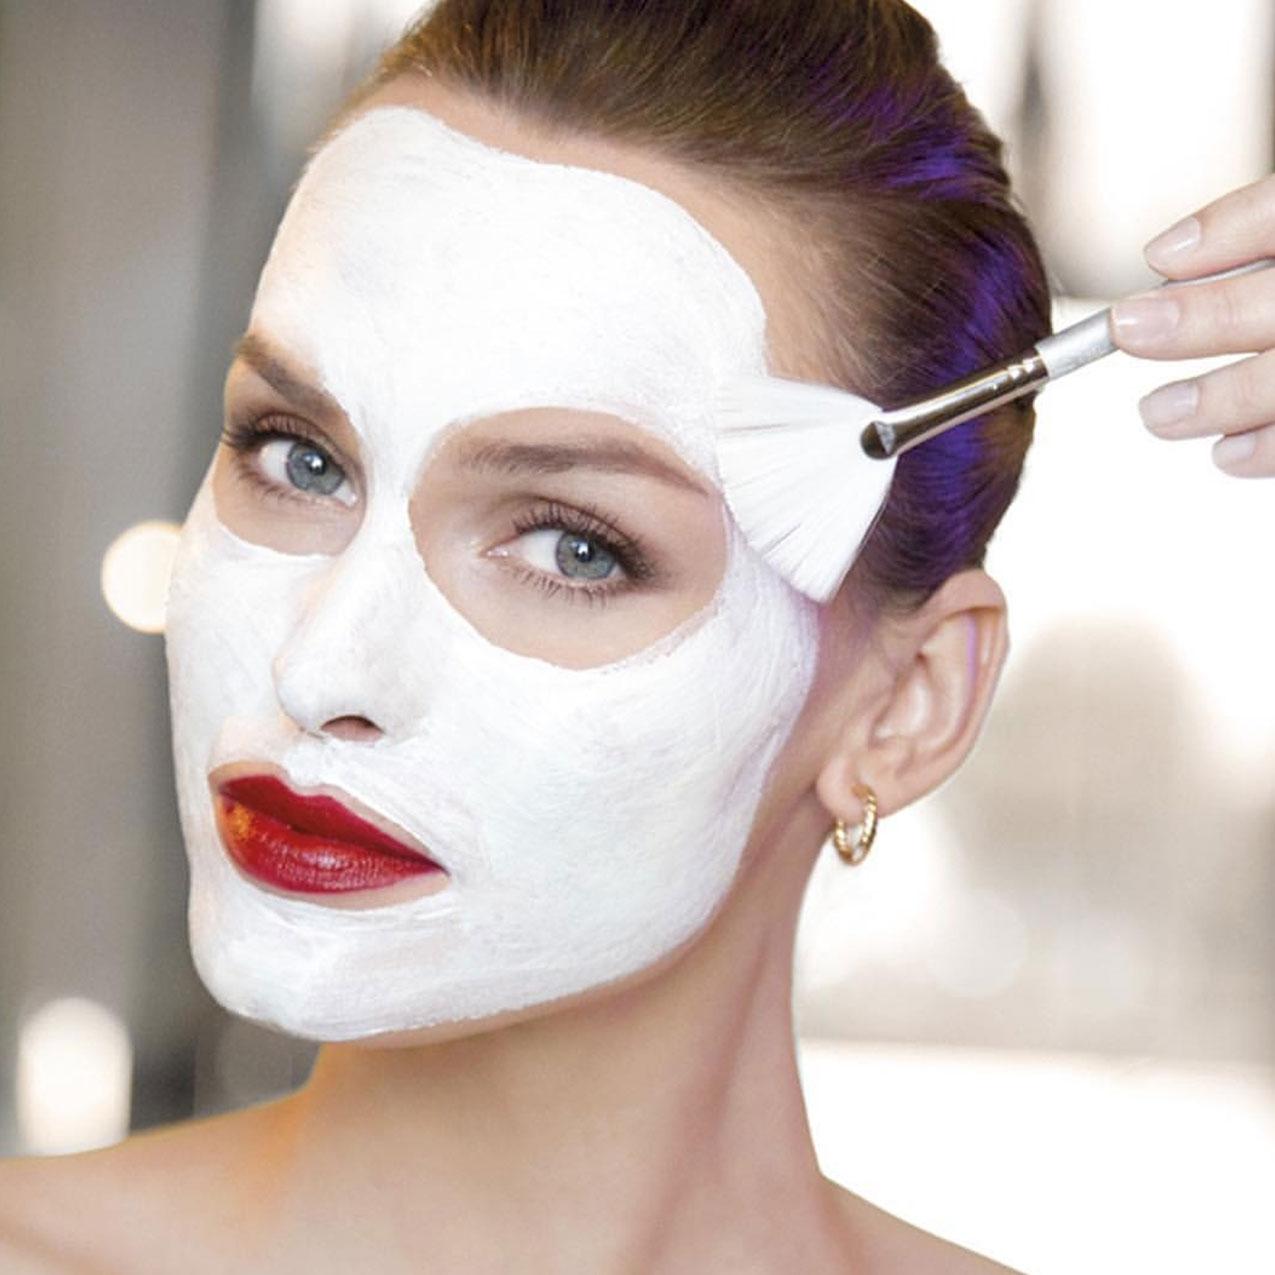 Tutú beauty concept. El salón de belleza que se pone en tu piel. Conecta contigo y experimenta un nuevo concepto de belleza.